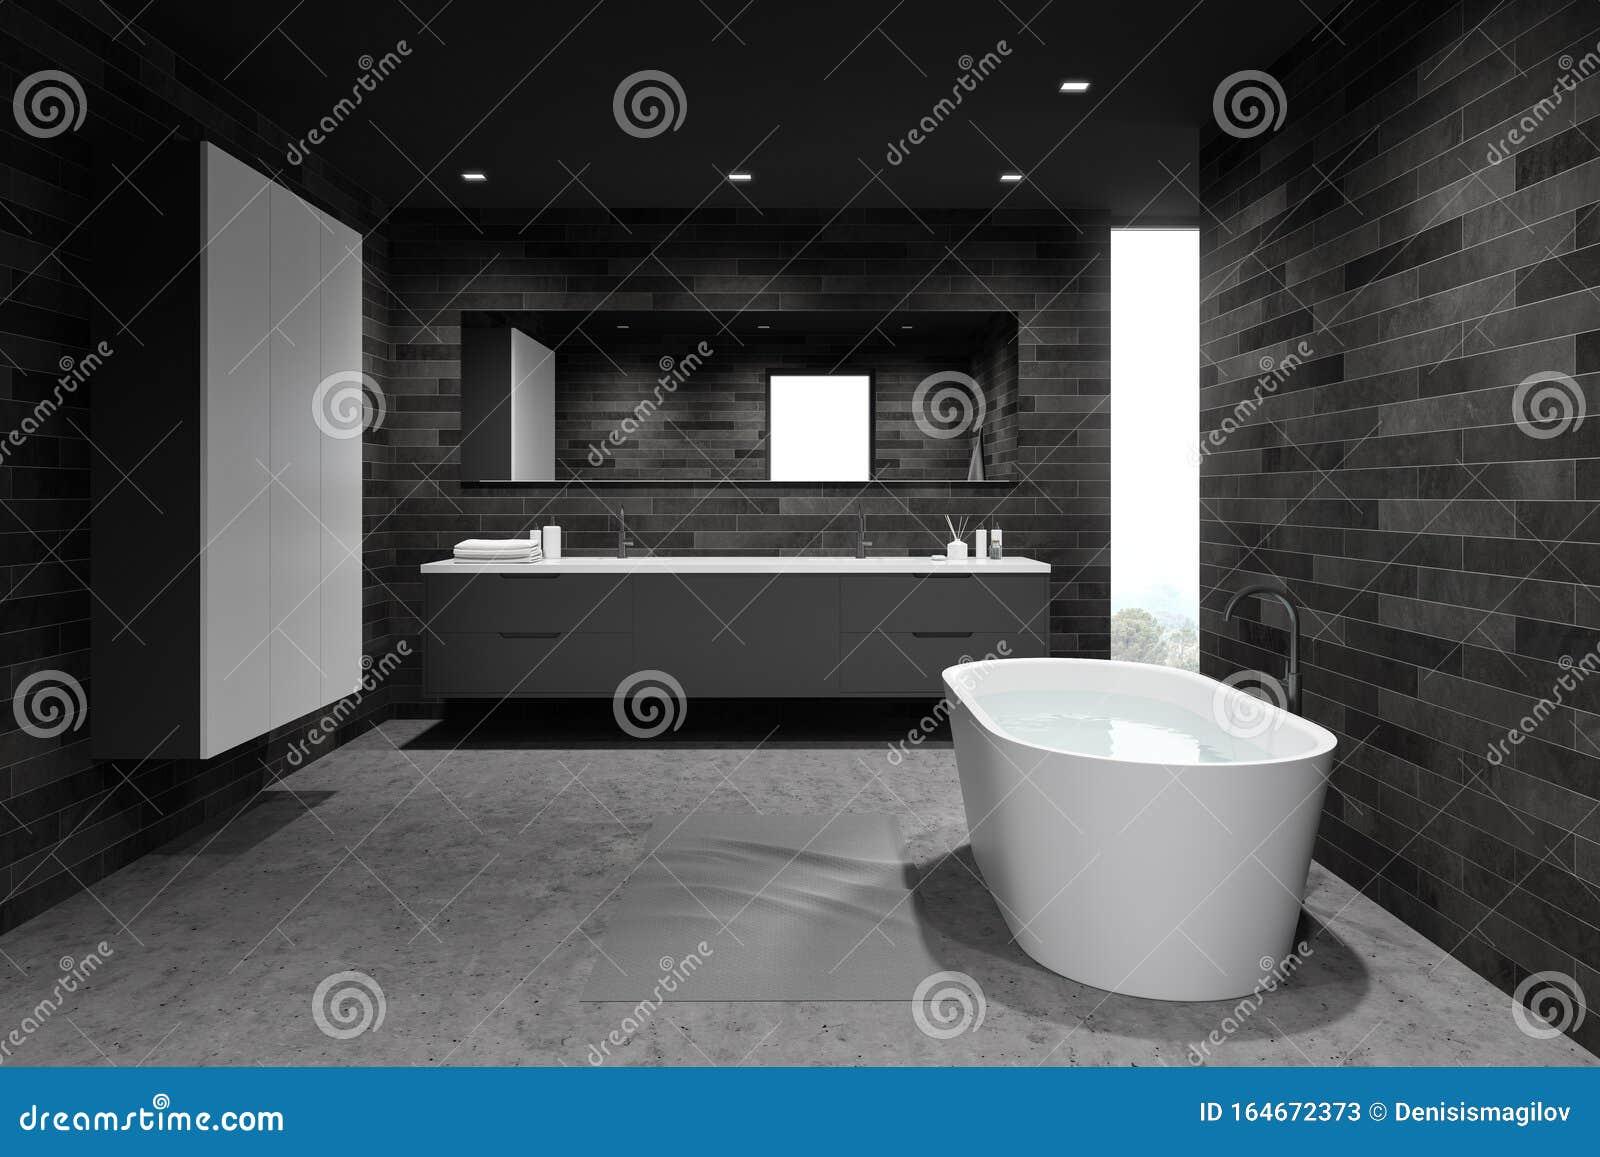 https www dreamstime com comfortable dark tile bathroom wardrobe interior spacious walls concrete floor bathtub water double sink gray image164672373